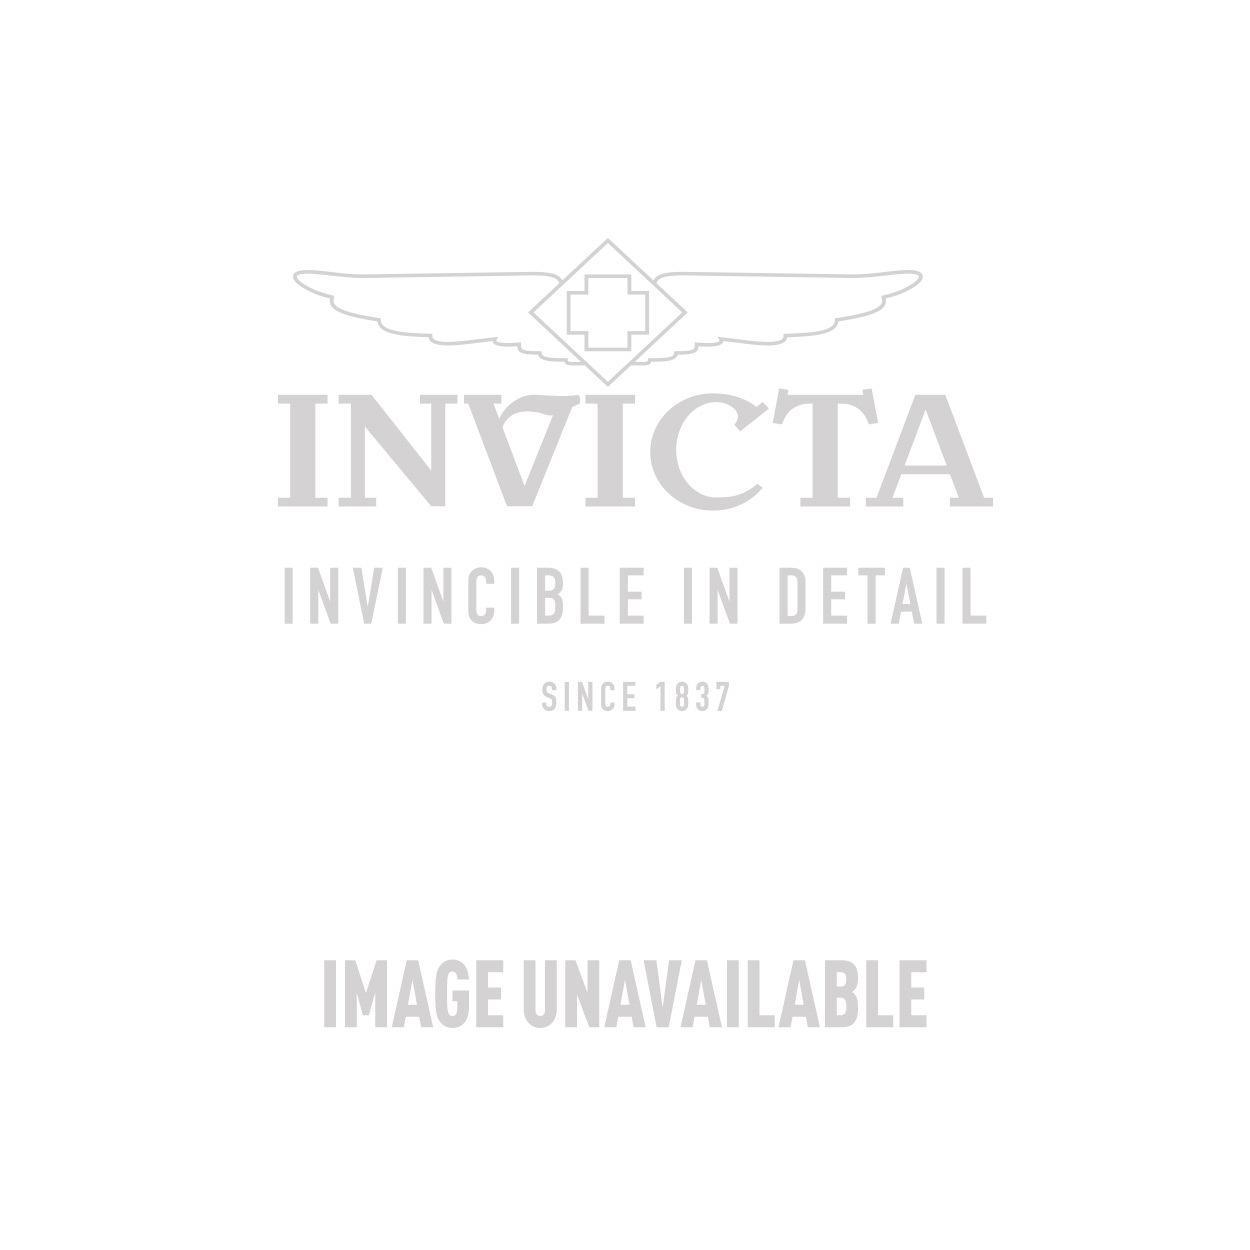 Invicta Model 24515